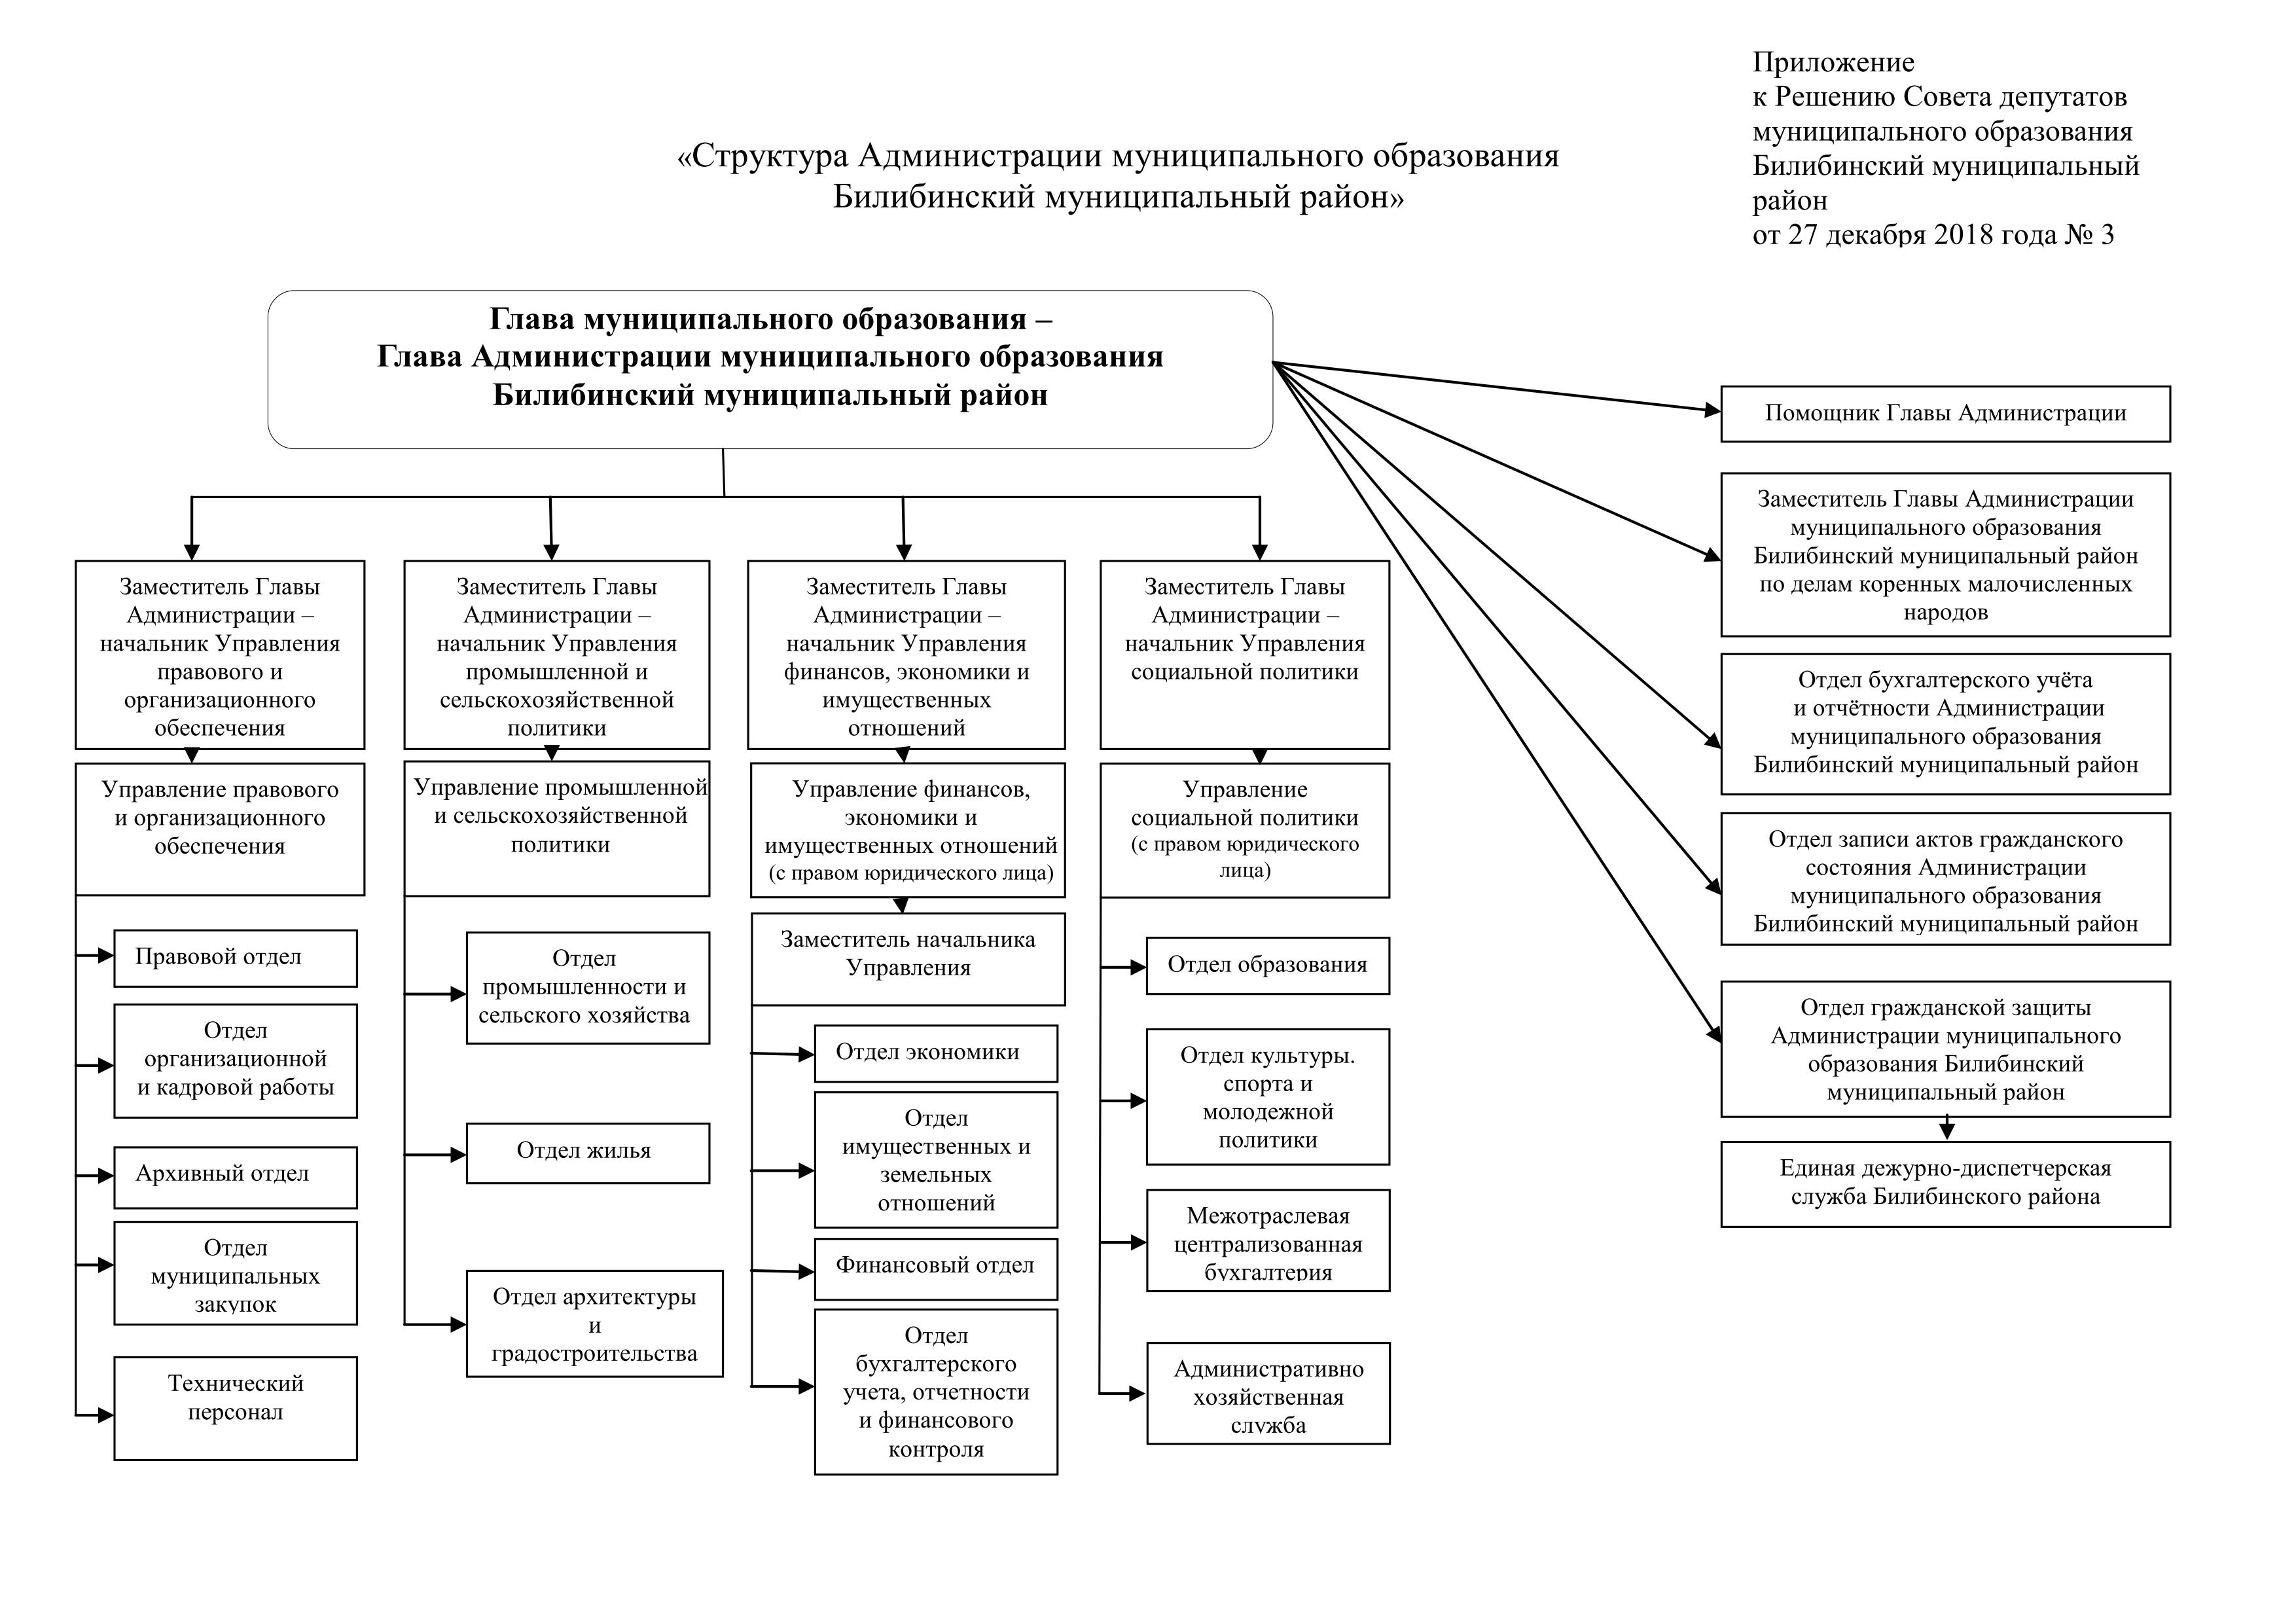 Государственное управление социальной сферой контрольная работа 3947